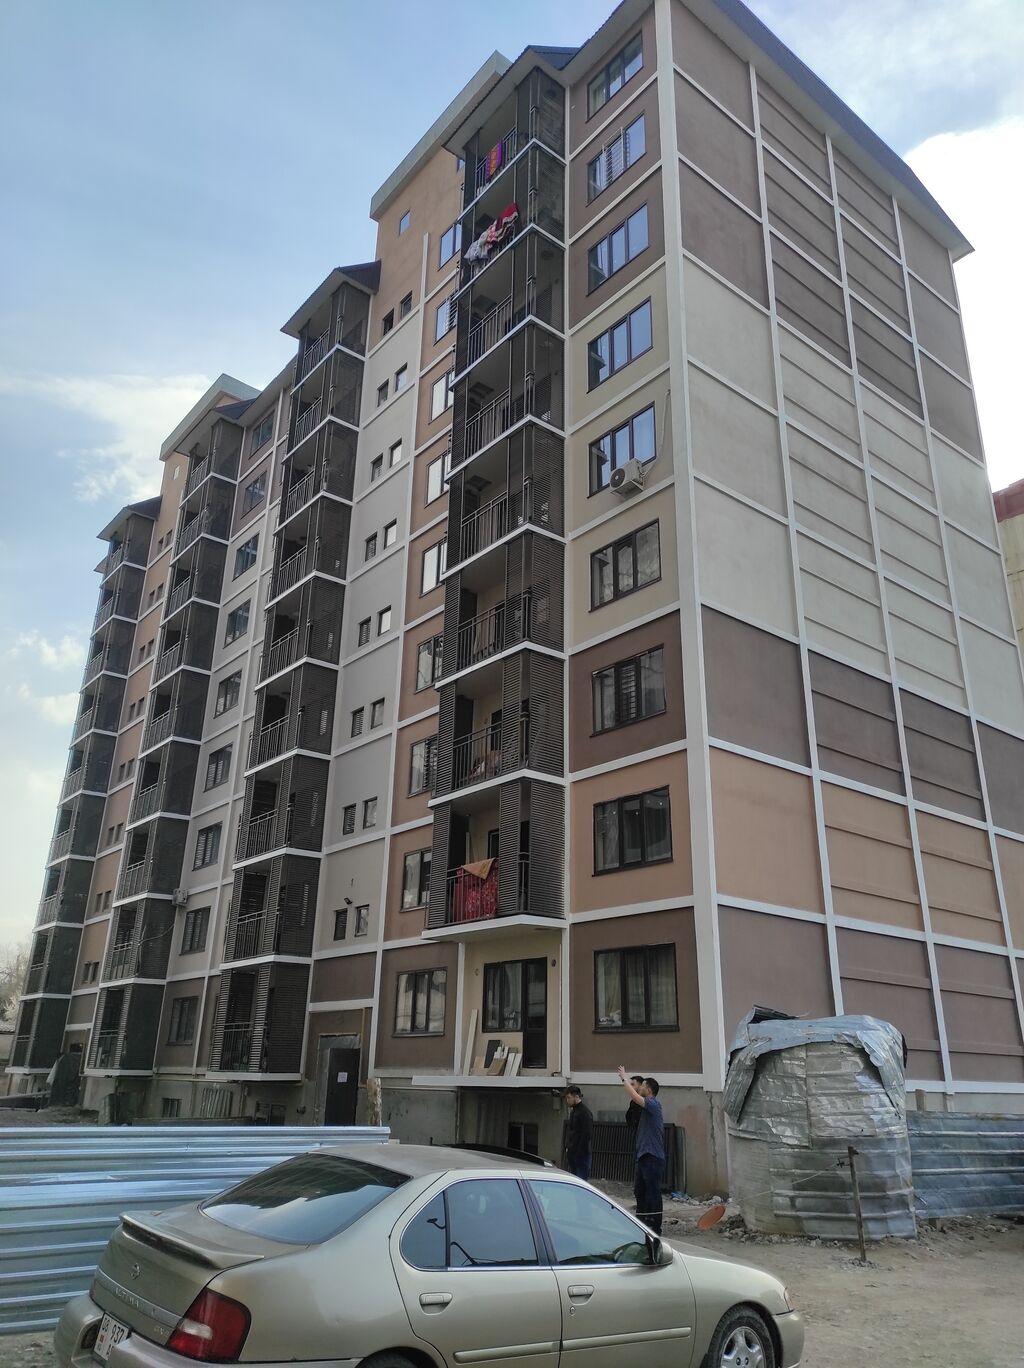 Продается квартира: 106 серия улучшенная, Рабочий Городок, 1 комната, 48 кв. м: Продается квартира: 106 серия улучшенная, Рабочий Городок, 1 комната, 48 кв. м